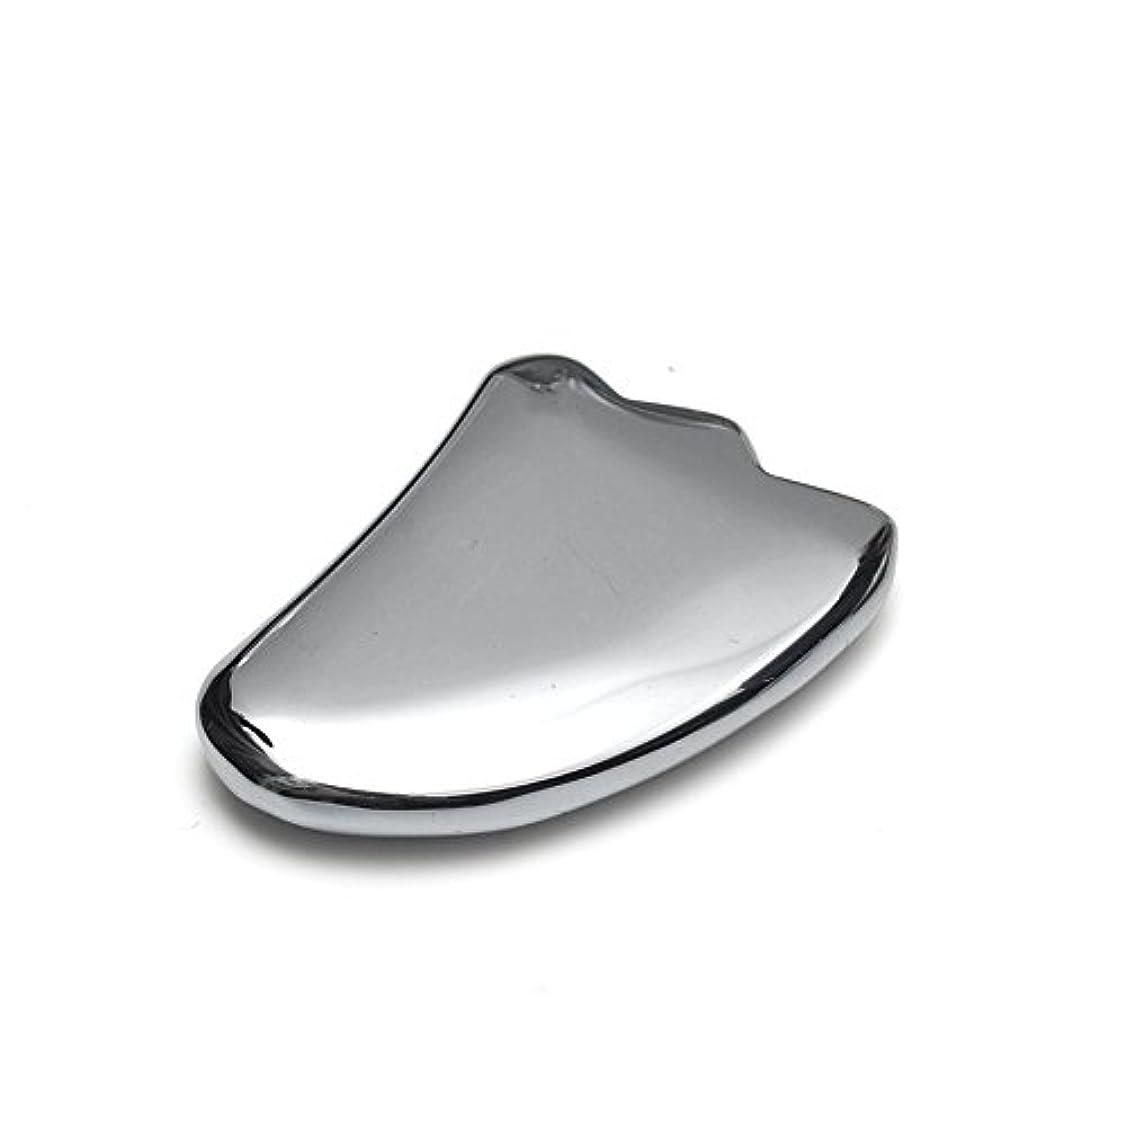 請願者まつげ整然とした【OVER-9】 テラヘルツ鉱石 かっさ プレート 羽根型 40mm 美顔器 美容 フェイス 原石 超遠赤外線 健康 カッサ マッサージ